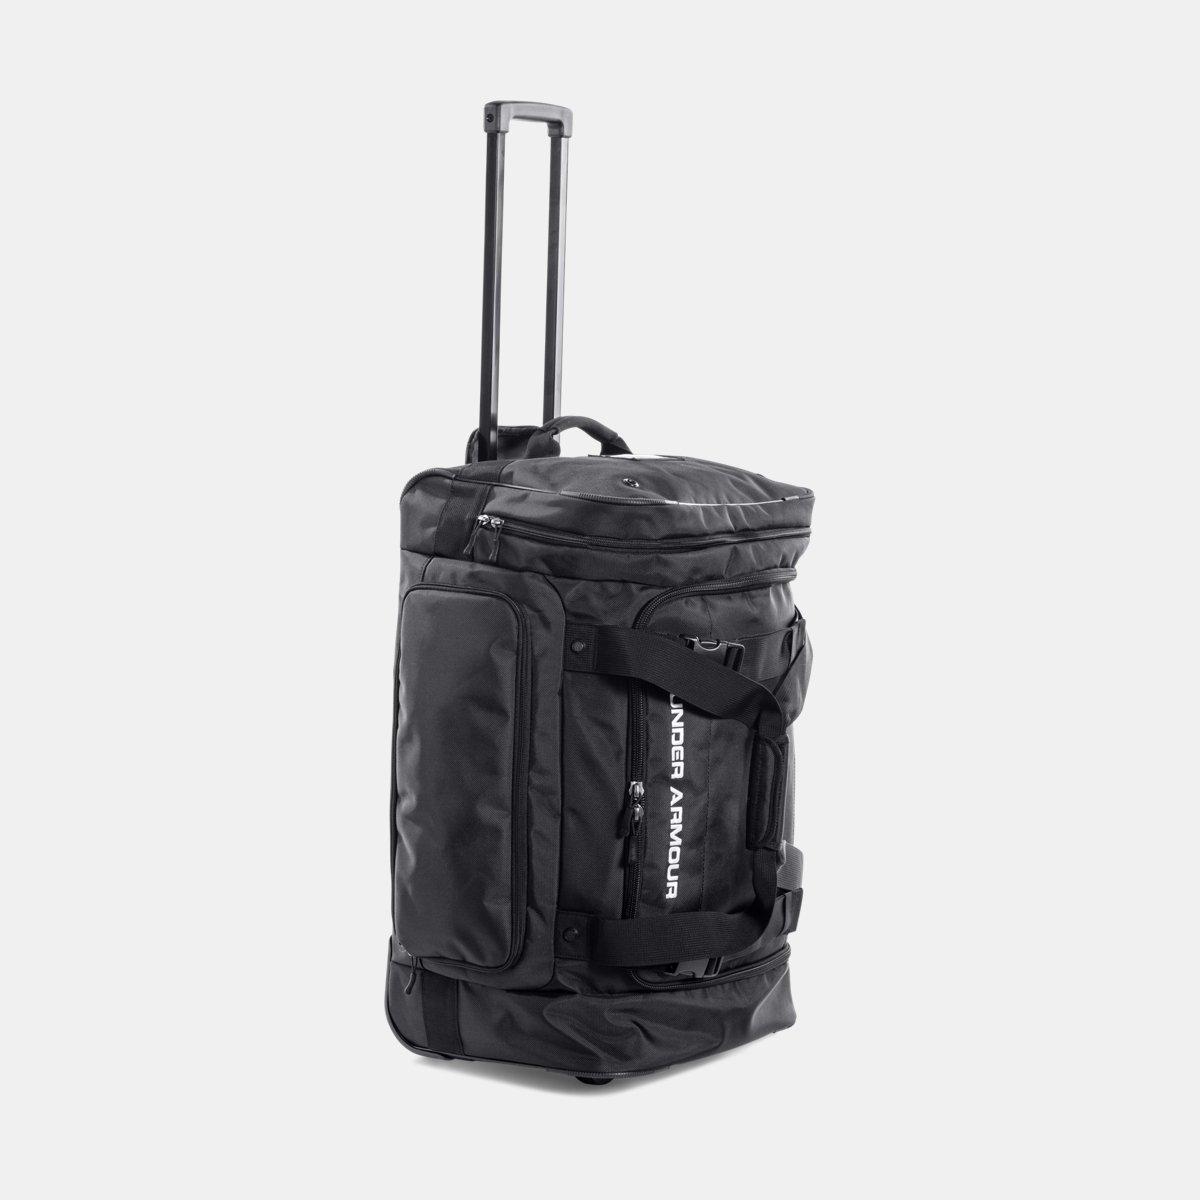 [UNDER ARMOUR] アンダーアーマー UA Road Game XL Wheeled Duffle Bag [並行輸入品]  Black /Black B0753B1XCV